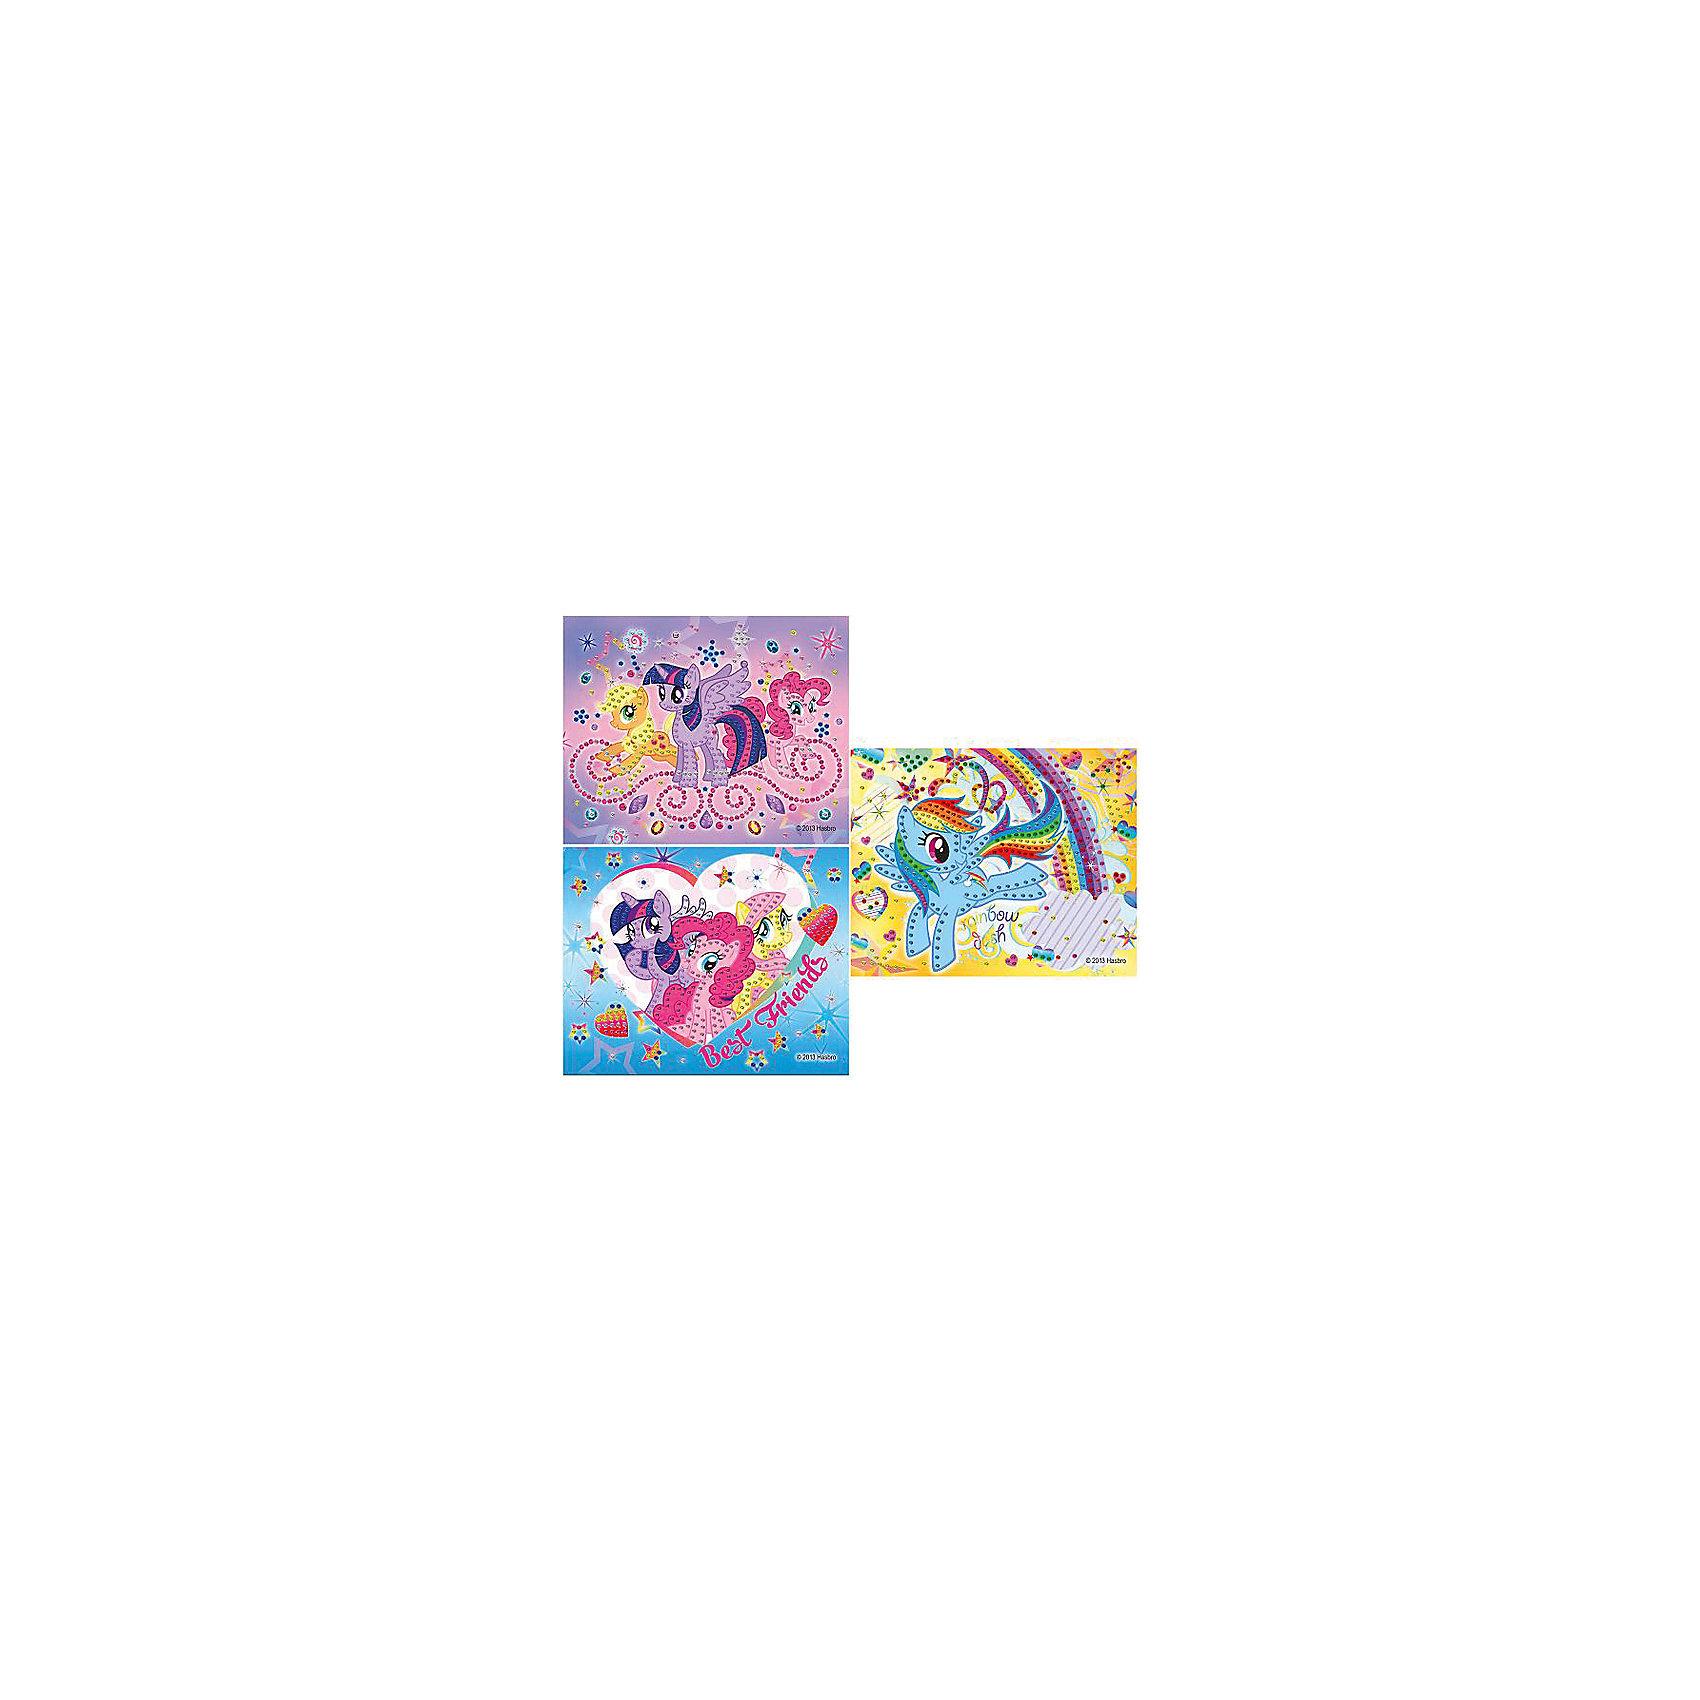 Аппликация из пайеток My little Pony, Играем вместеМозаика детская<br>Аппликация из пайеток My little Pony (Мой маленький Пони), Играем вместе – это набор из разноцветных пайеток для украшения картинки, на которой изображены волшебные лошадки из мультика «Мой маленький Пони». Эпплджек, Пинки Пай, Радуга Дэш, Сумеречная искорка и Флаттершай не дадут ребенку заскучать!<br><br>Комплектация: картинка, пайетки<br><br>Дополнительная информация:<br>-Серия: Мой маленький Пони<br>-Вес в упаковке: 130 г<br>-Размеры в упаковке: 230х320х100  мм<br>-Материалы: пластик, картон<br>-Внимание: дизайн в ассортименте (3 вида с разными лошадками) (заранее выбрать невозможно, при заказе нескольких возможно получение одинаковых)<br><br>Набор для создания аппликации из пайеток «Мой маленький Пони» обрадует Вашего ребенка и позволит весело провести время!<br><br>Аппликация из пайеток My little Pony (Мой маленький Пони), Играем вместе можно купить в нашем магазине.<br><br>Ширина мм: 230<br>Глубина мм: 320<br>Высота мм: 100<br>Вес г: 130<br>Возраст от месяцев: 60<br>Возраст до месяцев: 108<br>Пол: Женский<br>Возраст: Детский<br>SKU: 4079318